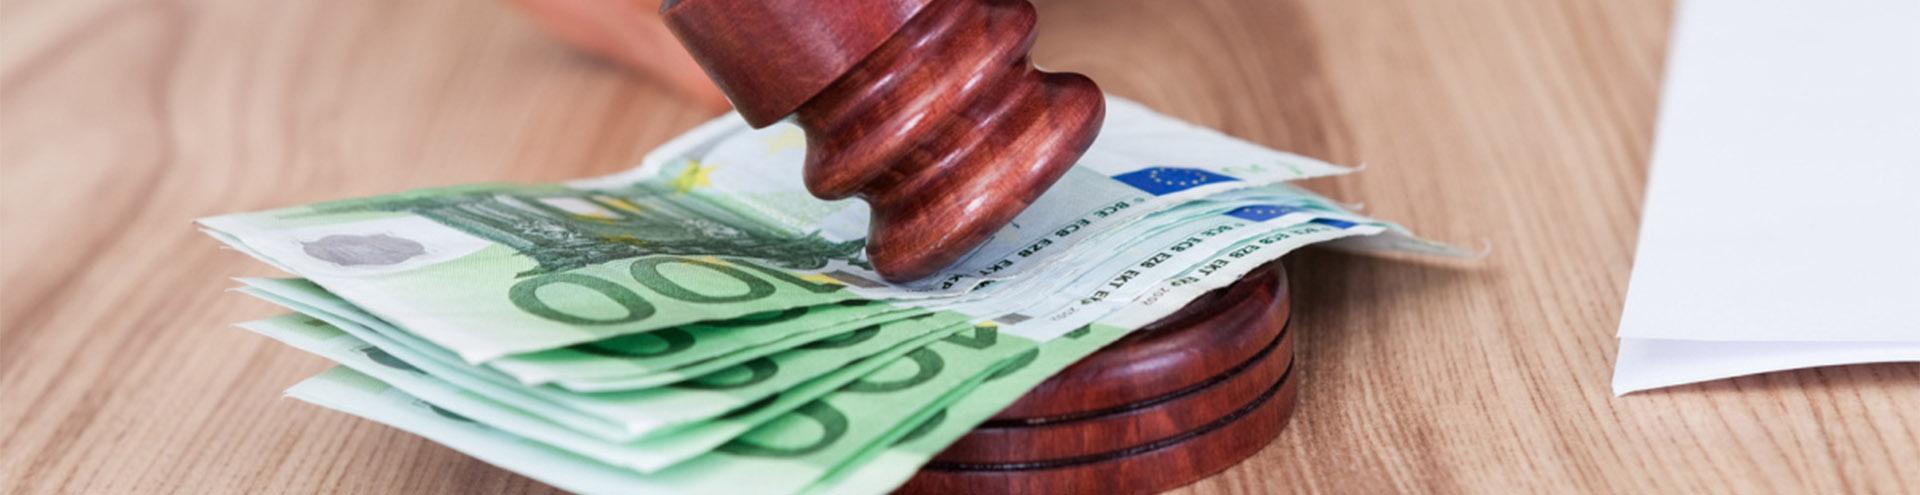 судебные расходы в Владимире